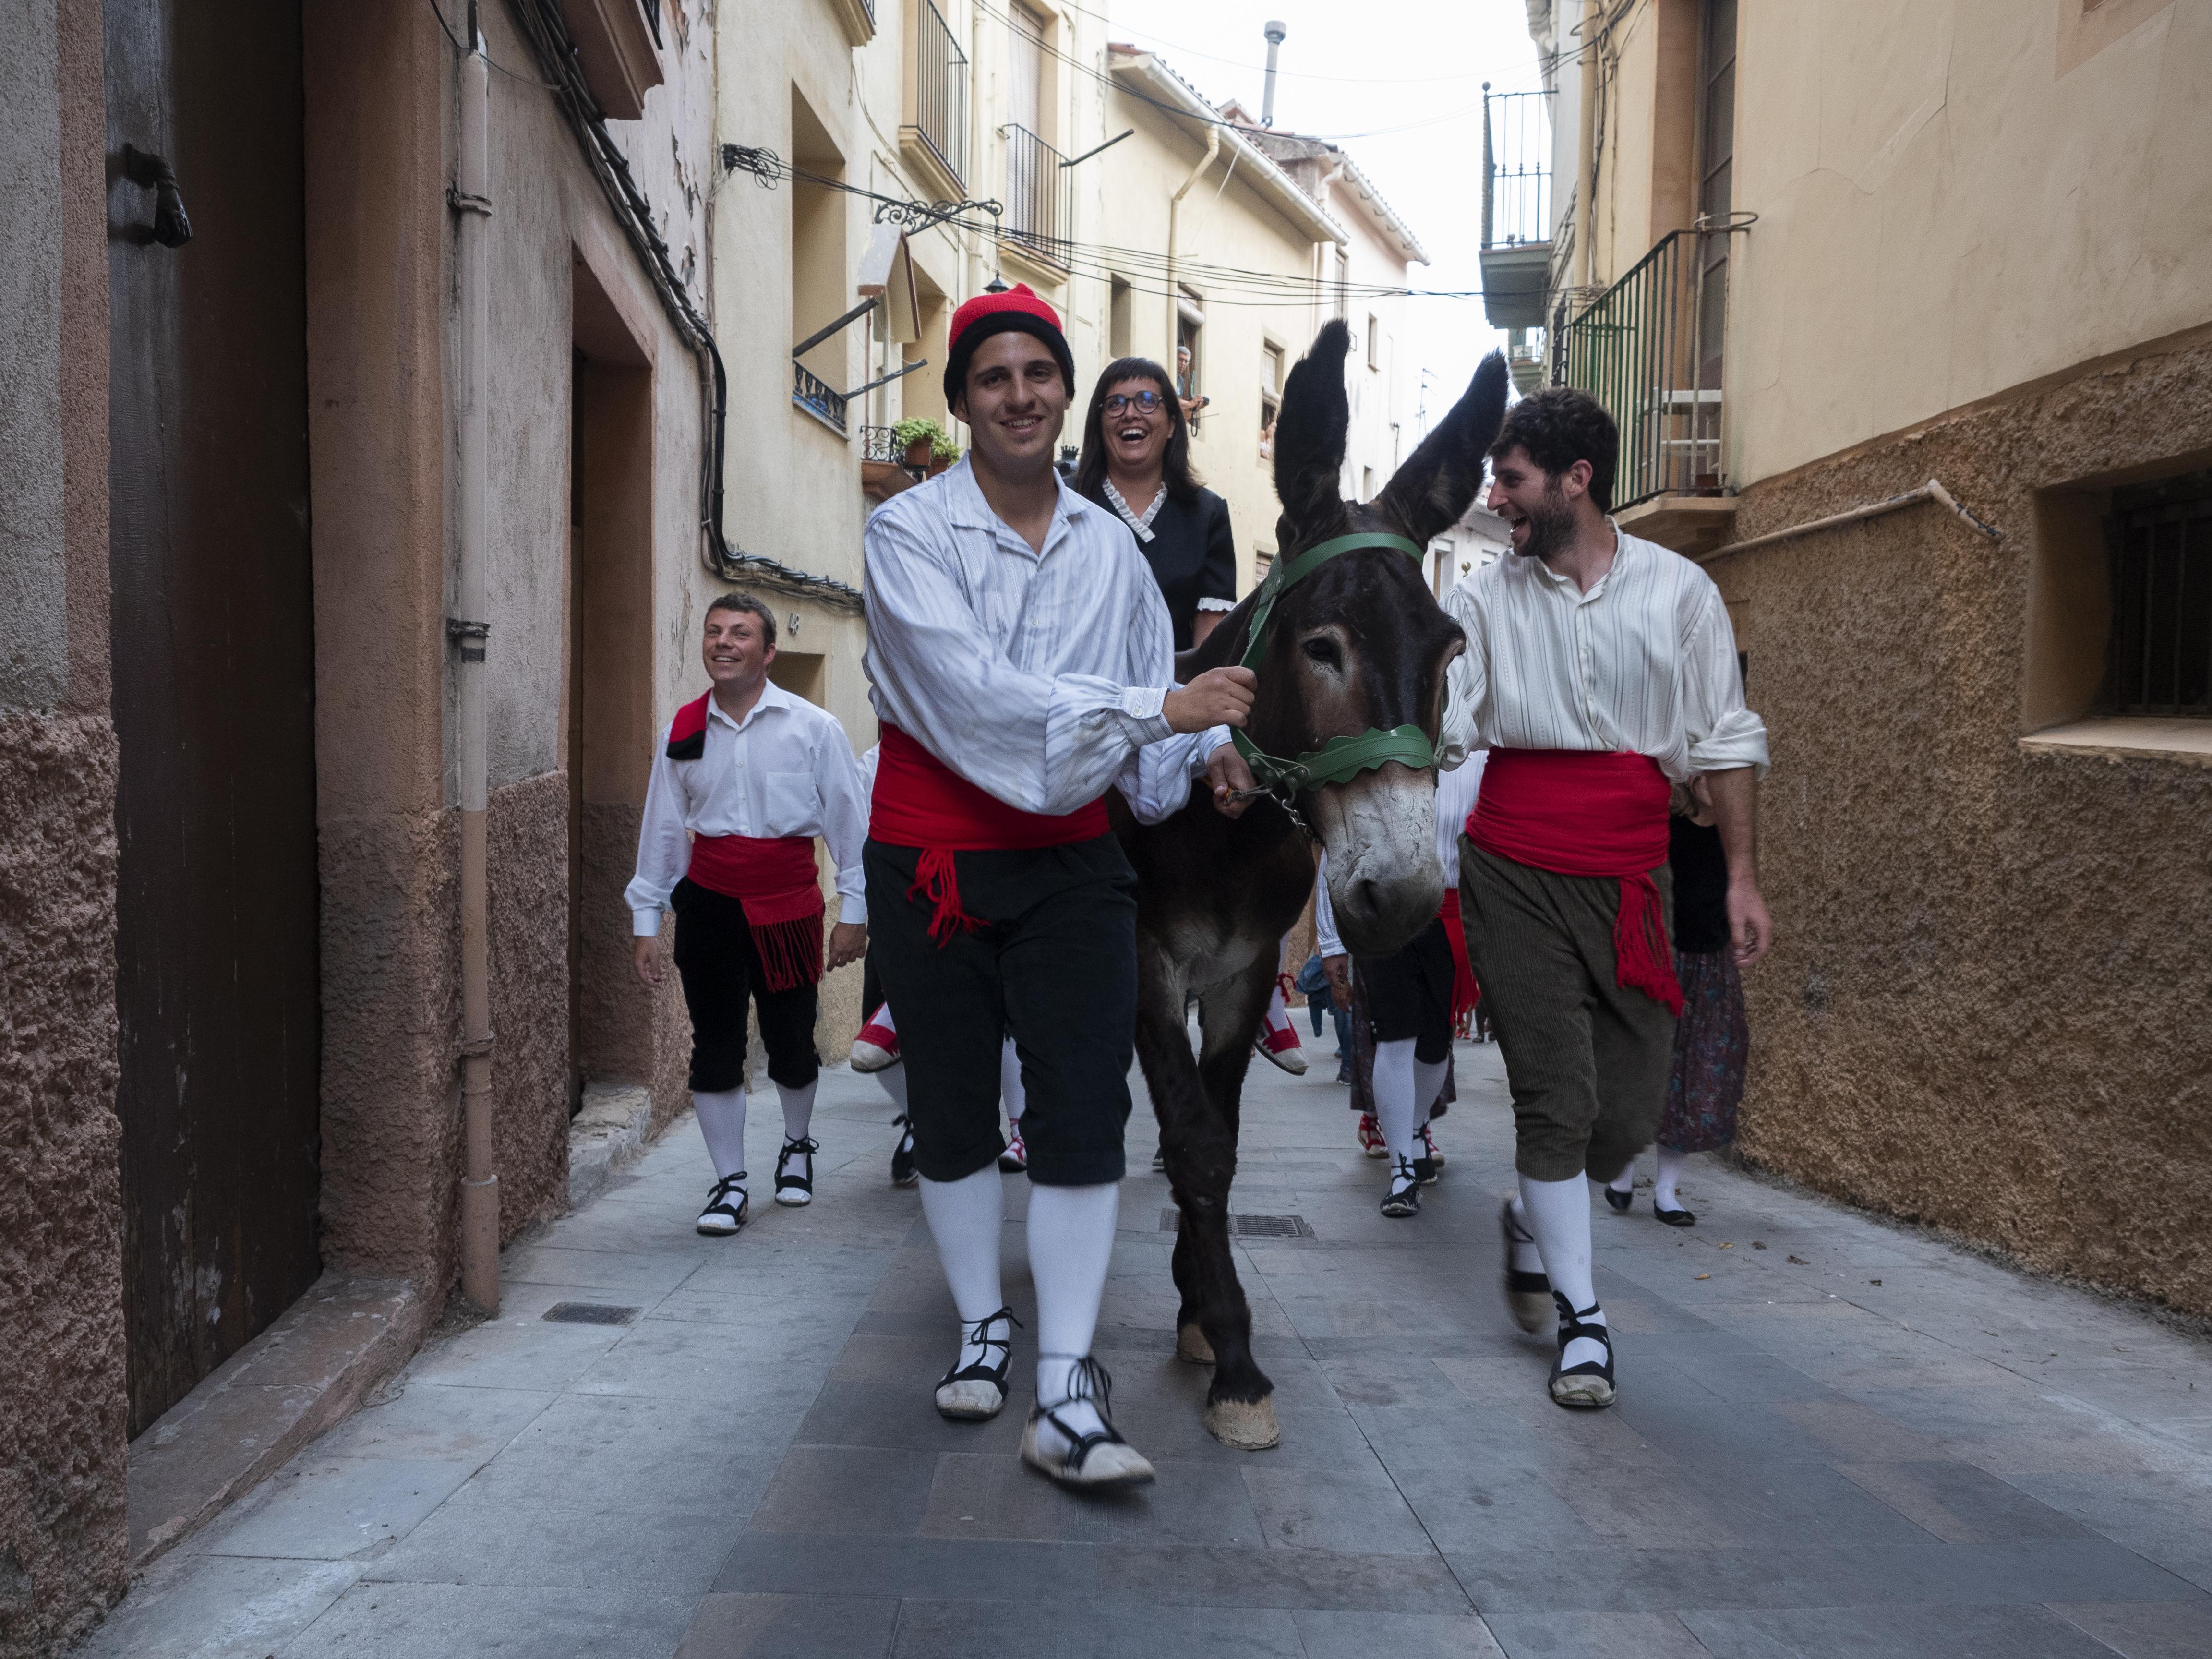 Un grup de joves participant al rapte de la núvia, Els Elois són, també teatre al carrer. FOTO: Anna E. Puig